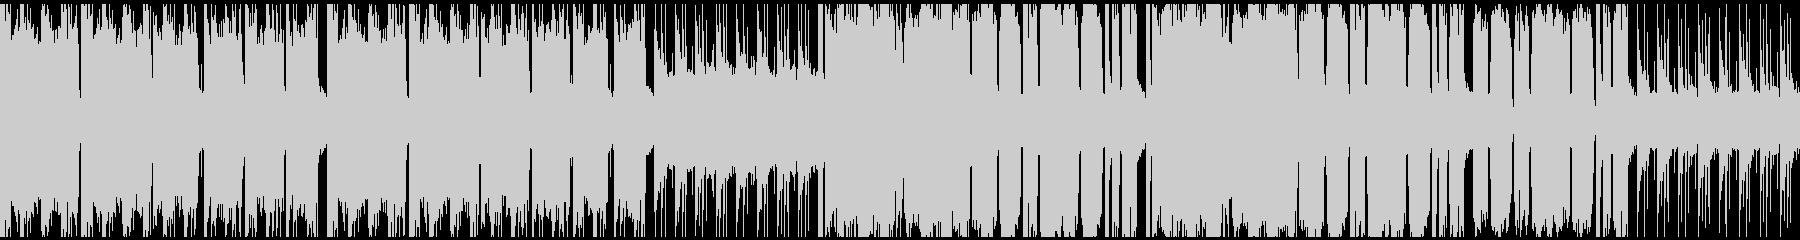 牧歌的なケルト風の楽曲(ループ対応)の未再生の波形